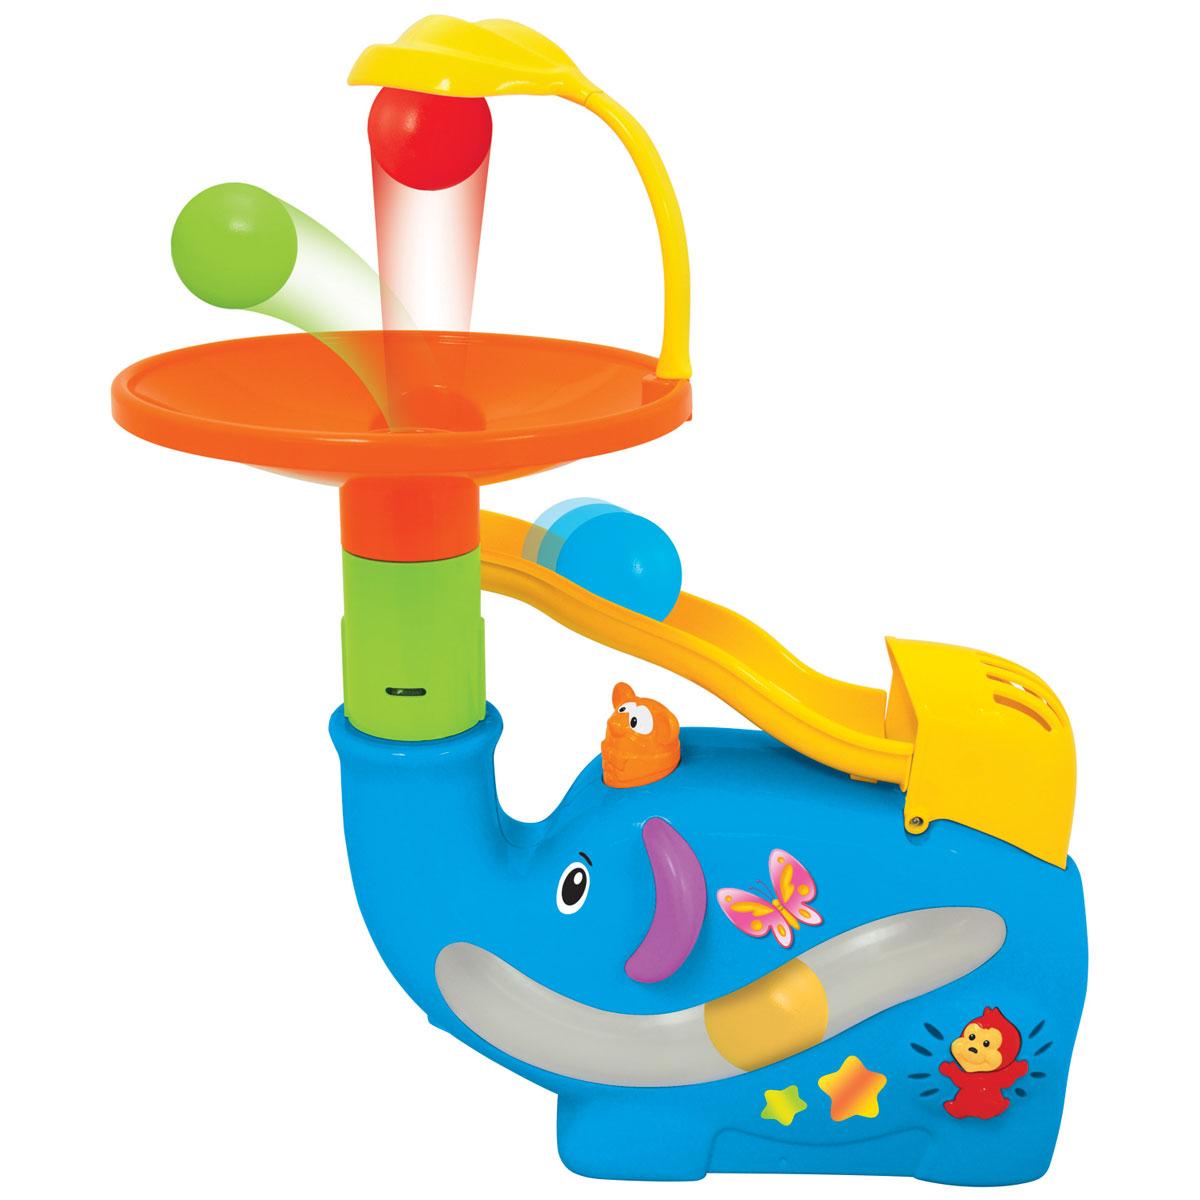 Kiddieland Развивающая игрушка Забавный слон с шарами kiddieland развивающая игрушка забавная камера